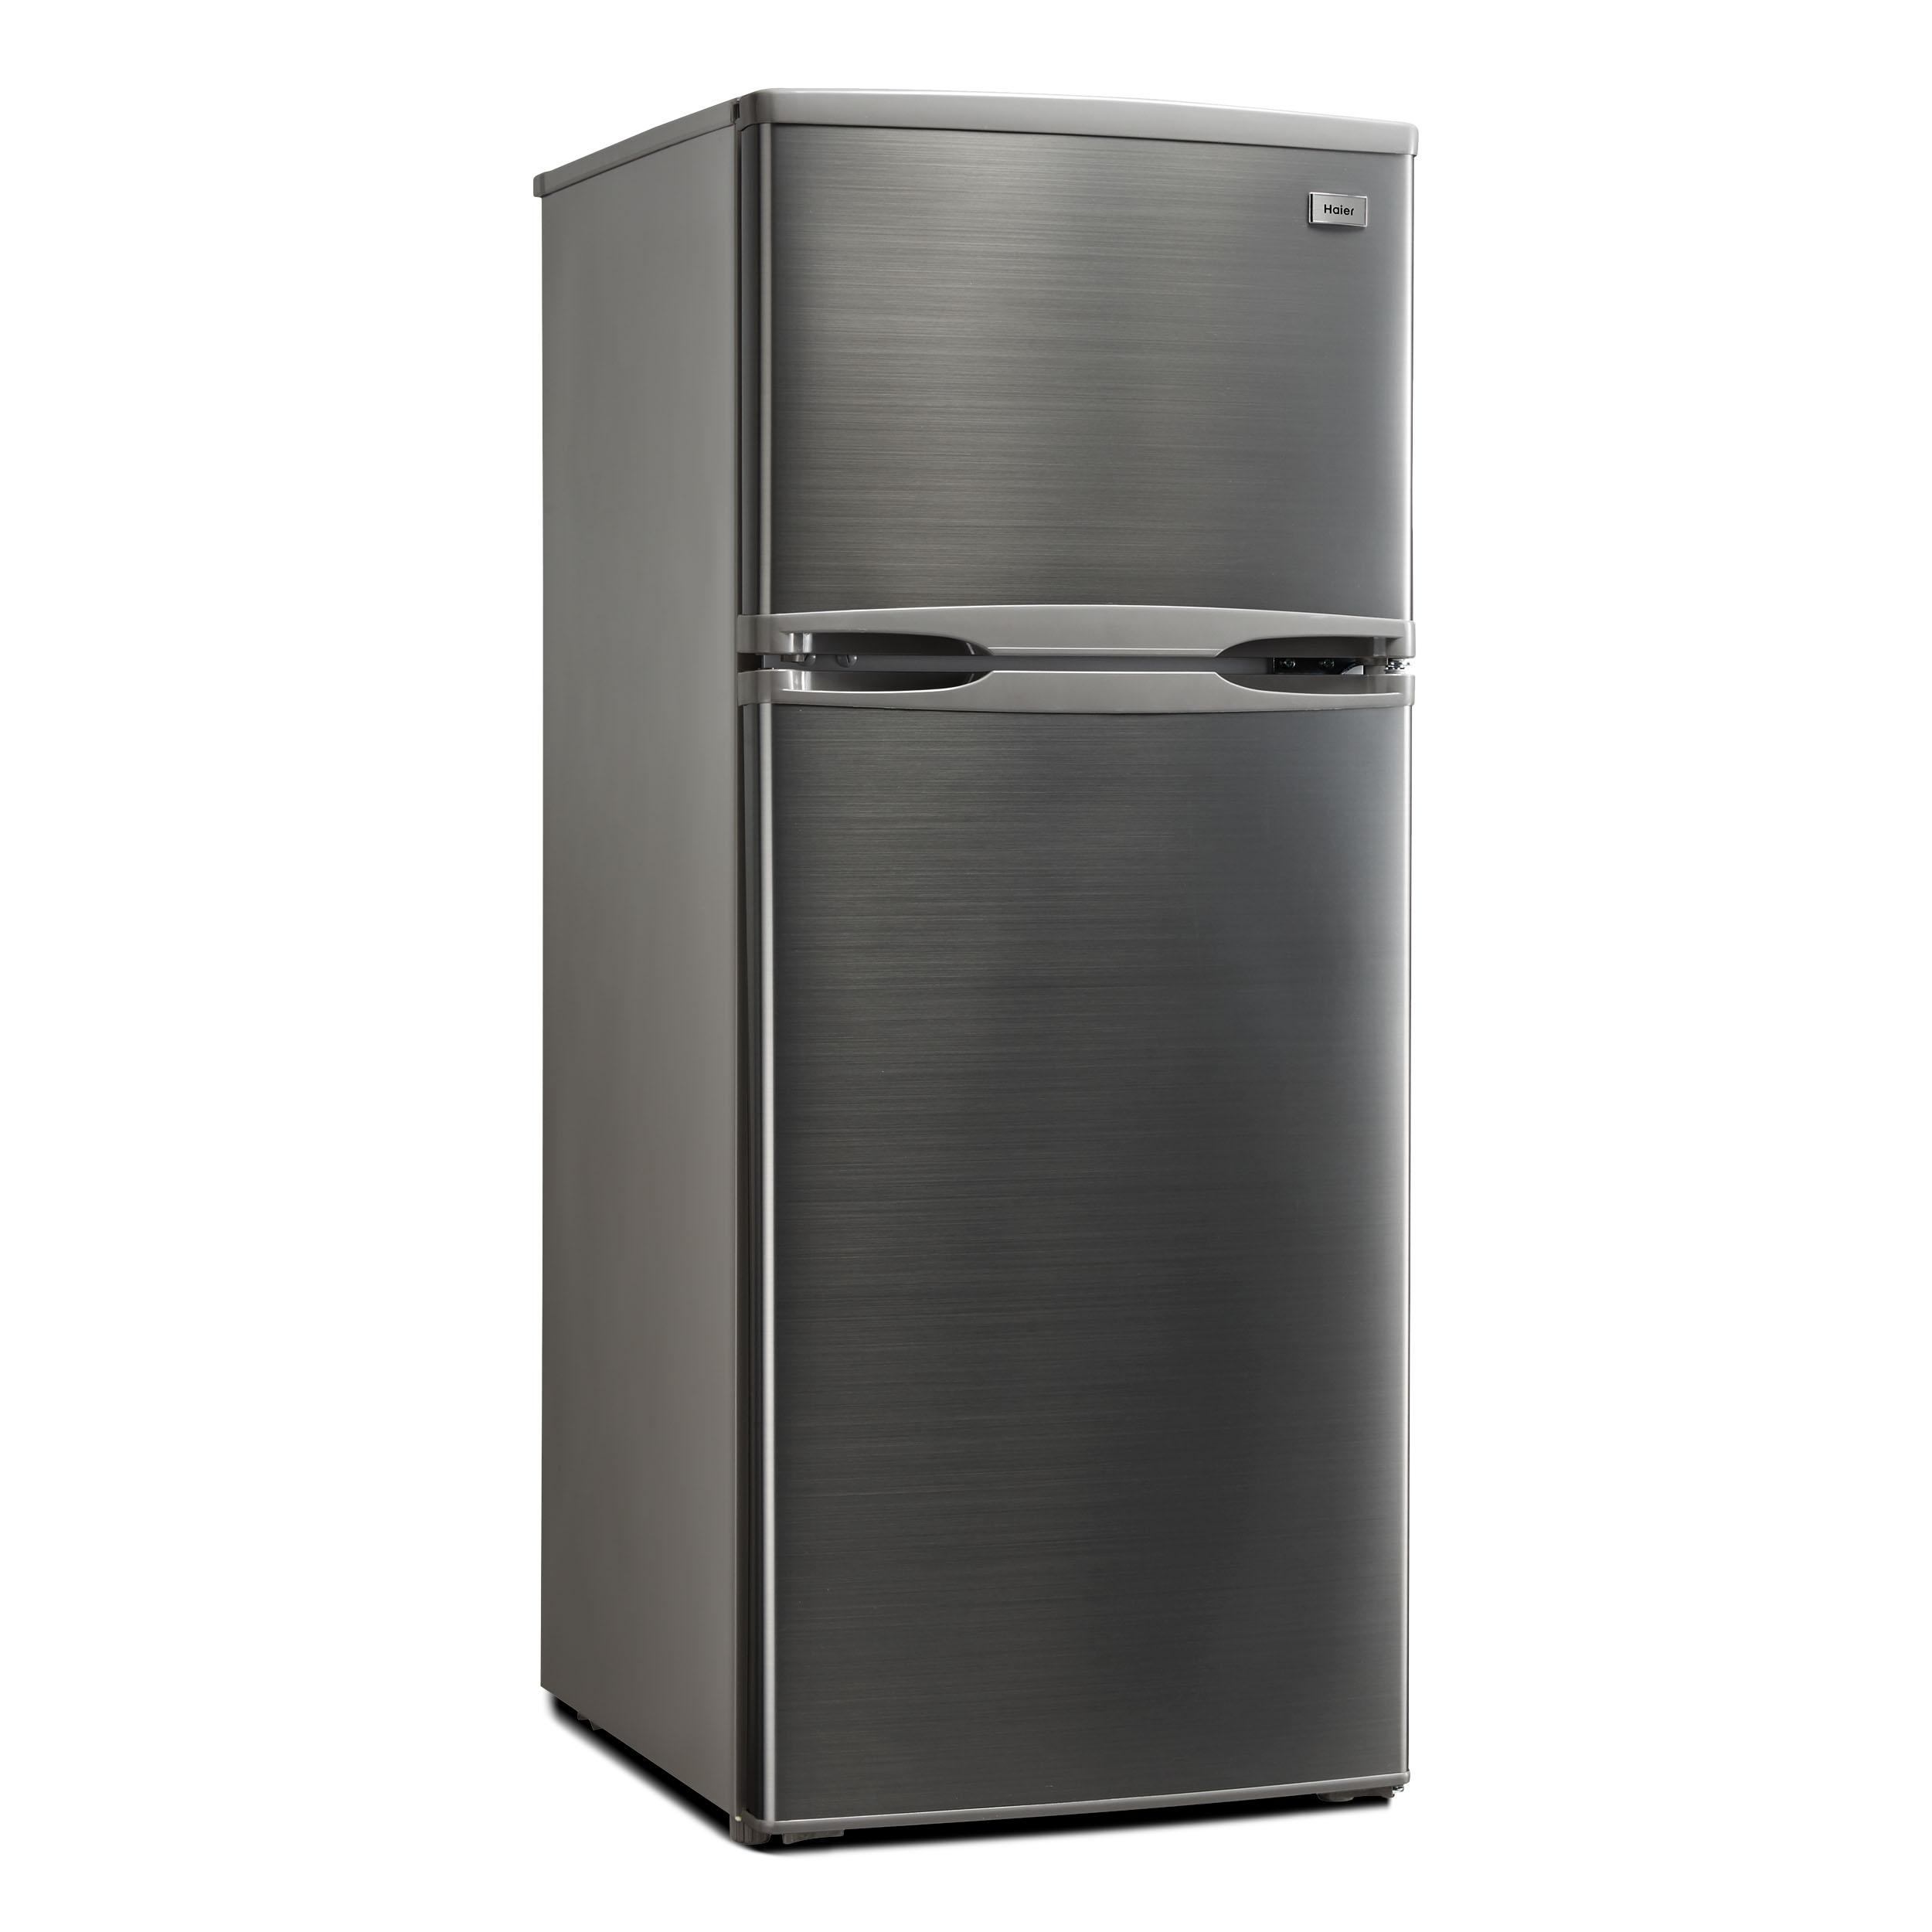 하이얼 1등급 일반소형냉장고 메탈 155L, HRT165HDM